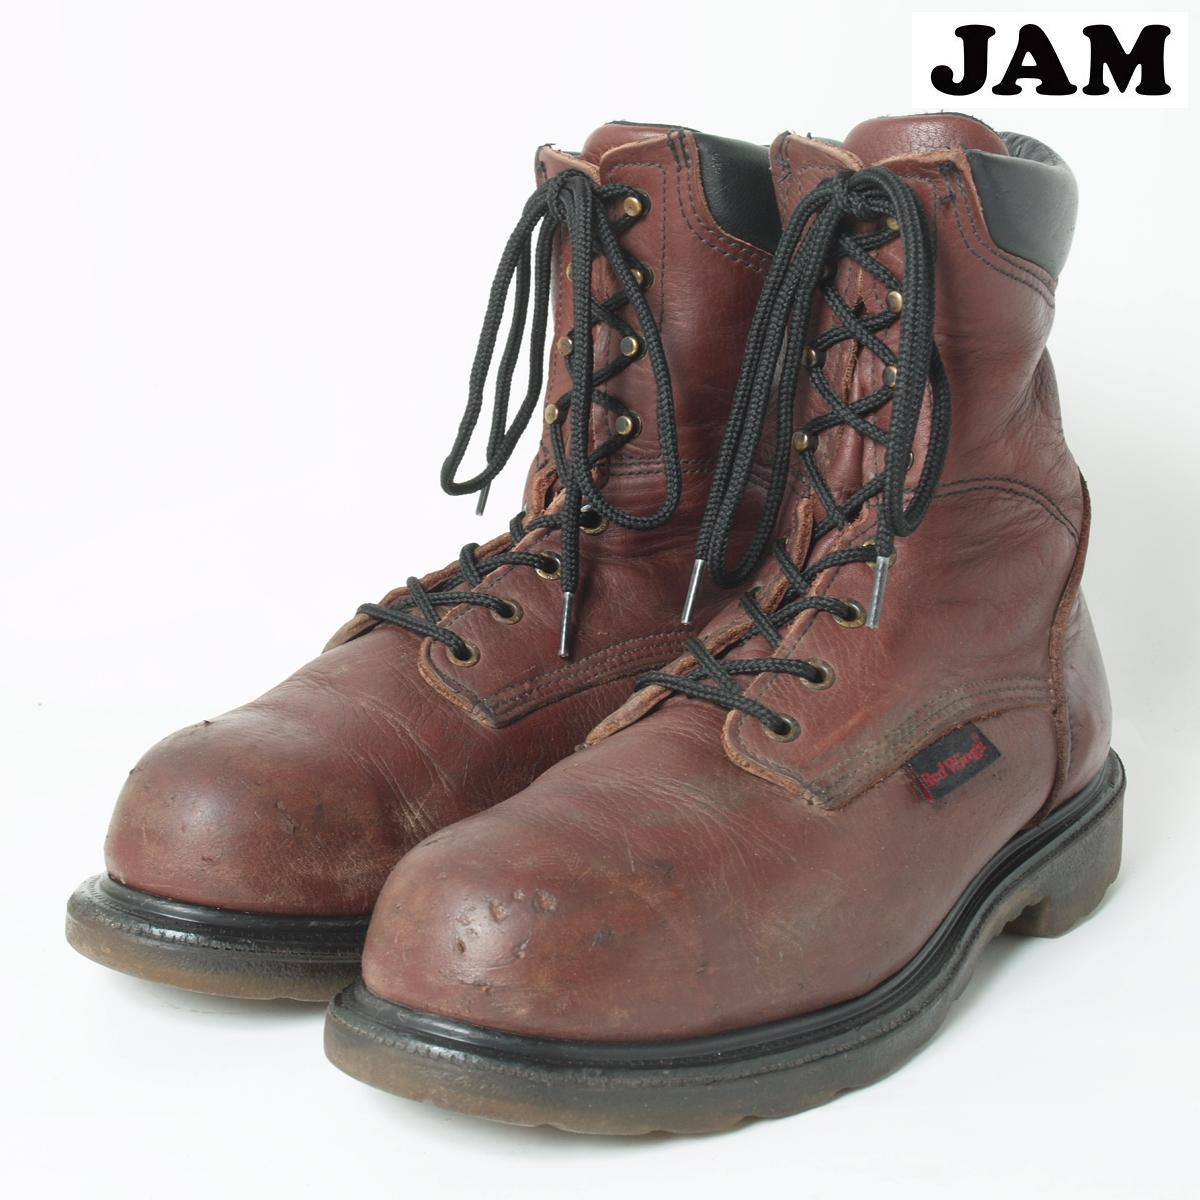 VINTAGE CLOTHING JAM TRADING | Rakuten Global Market: Red Wing ...